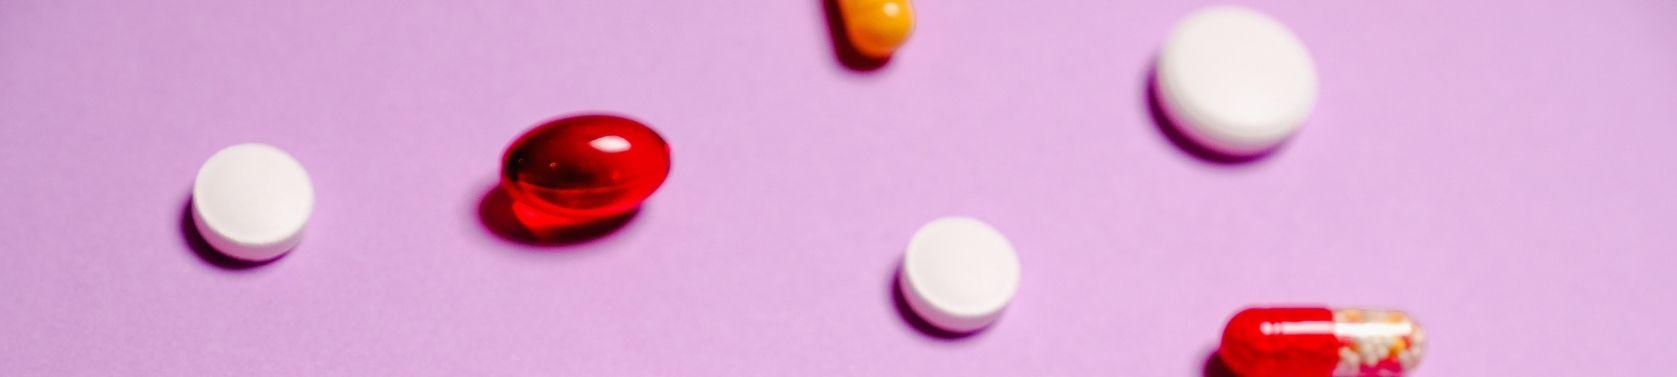 Supporte dein Immunsystem − mit den richtigen Supplements